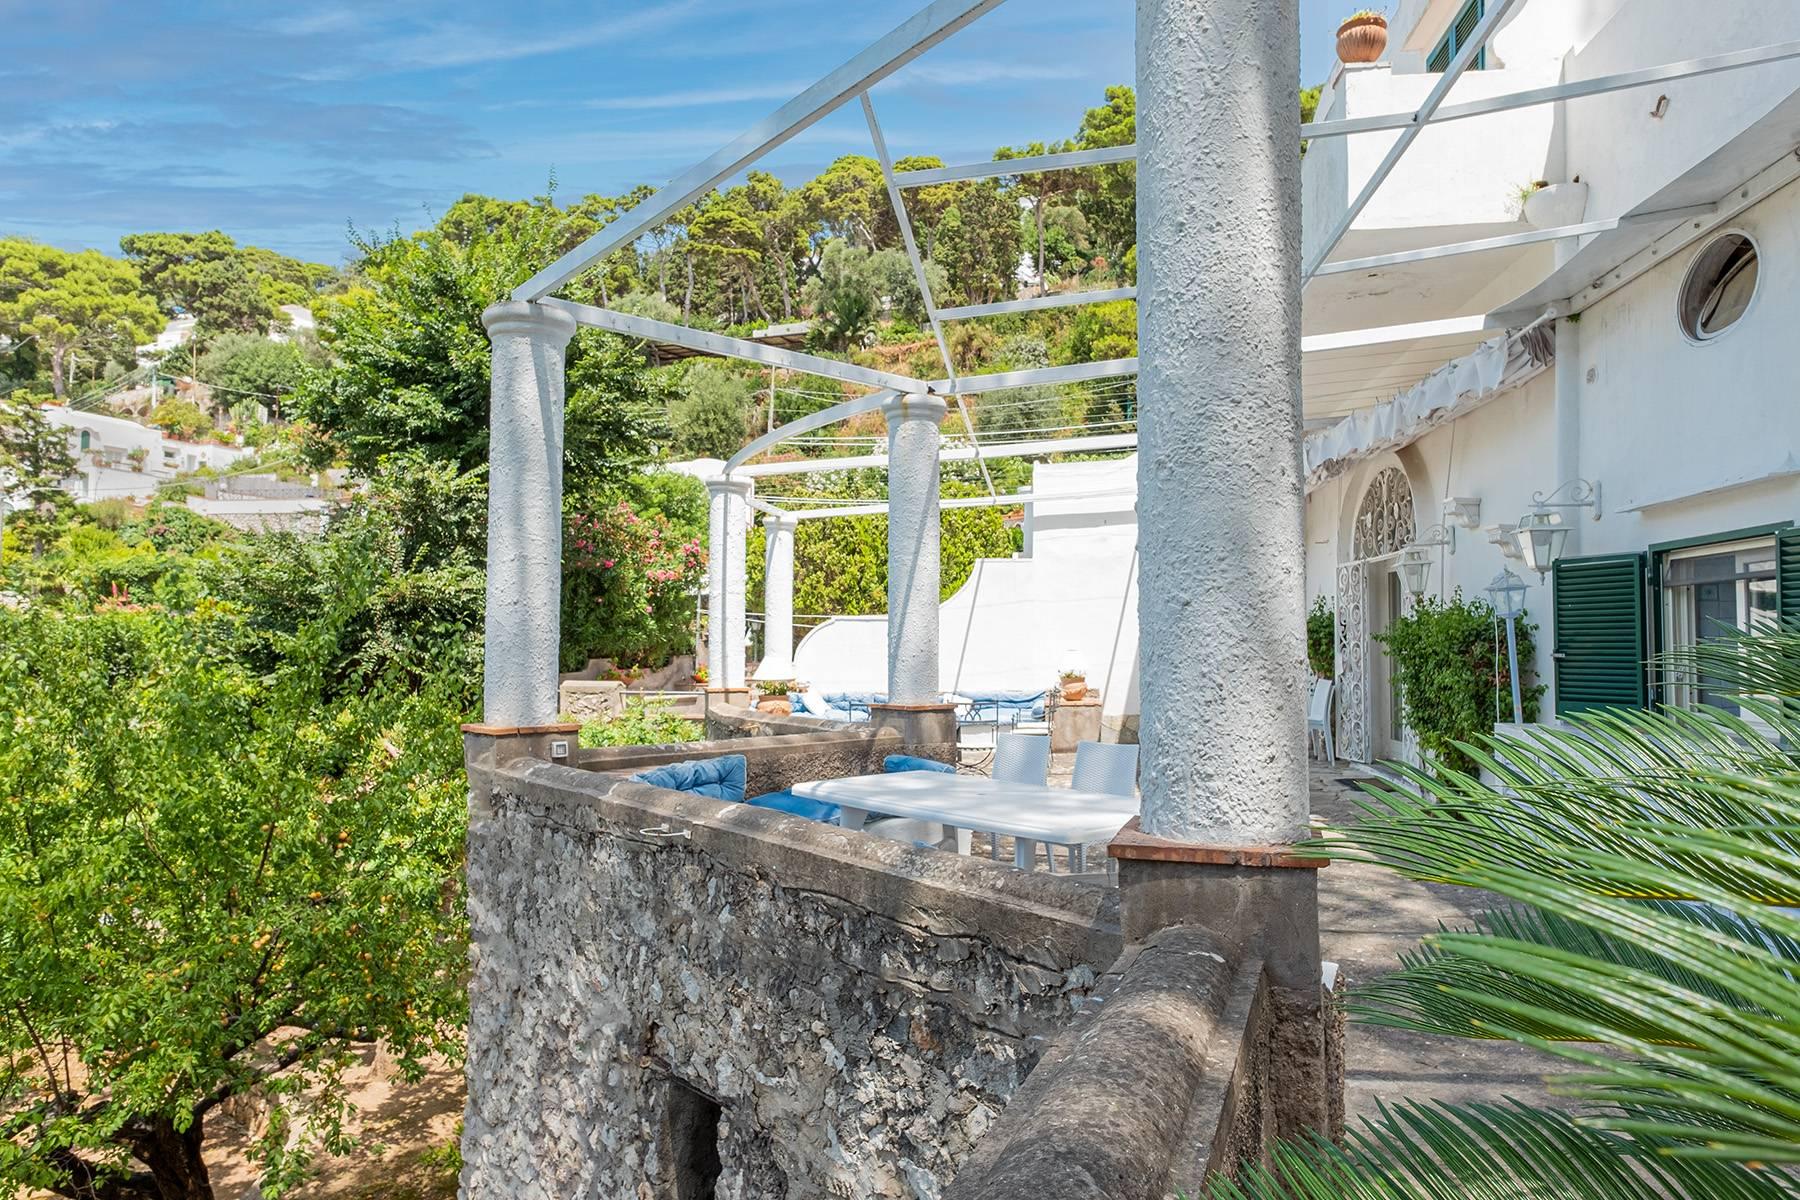 Villa in Vendita a Capri: 5 locali, 230 mq - Foto 5